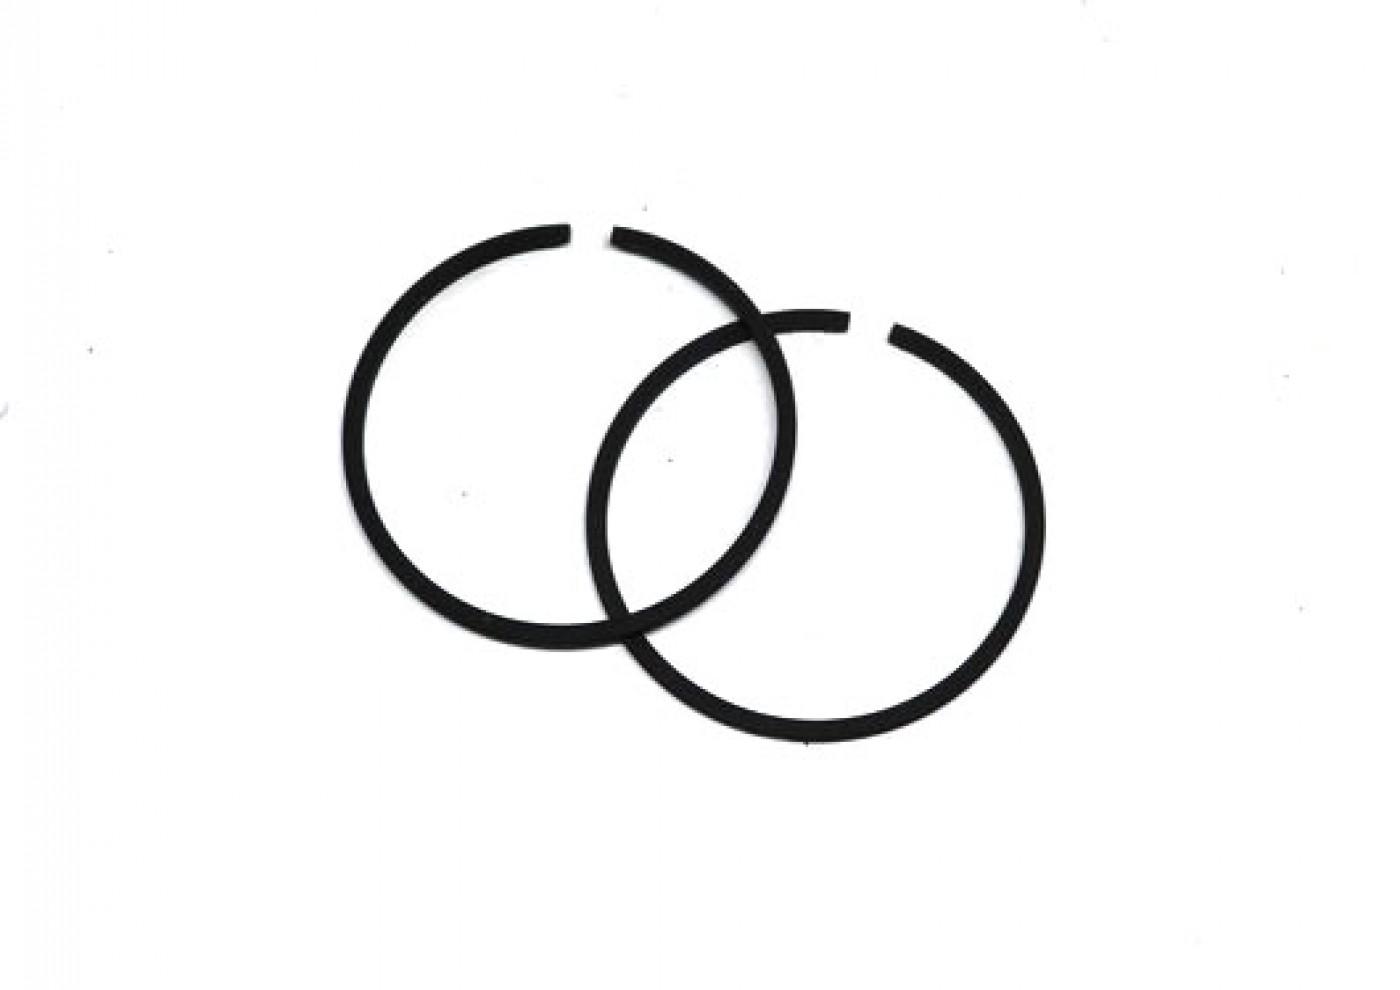 Sada pístních kroužků - 66 mm